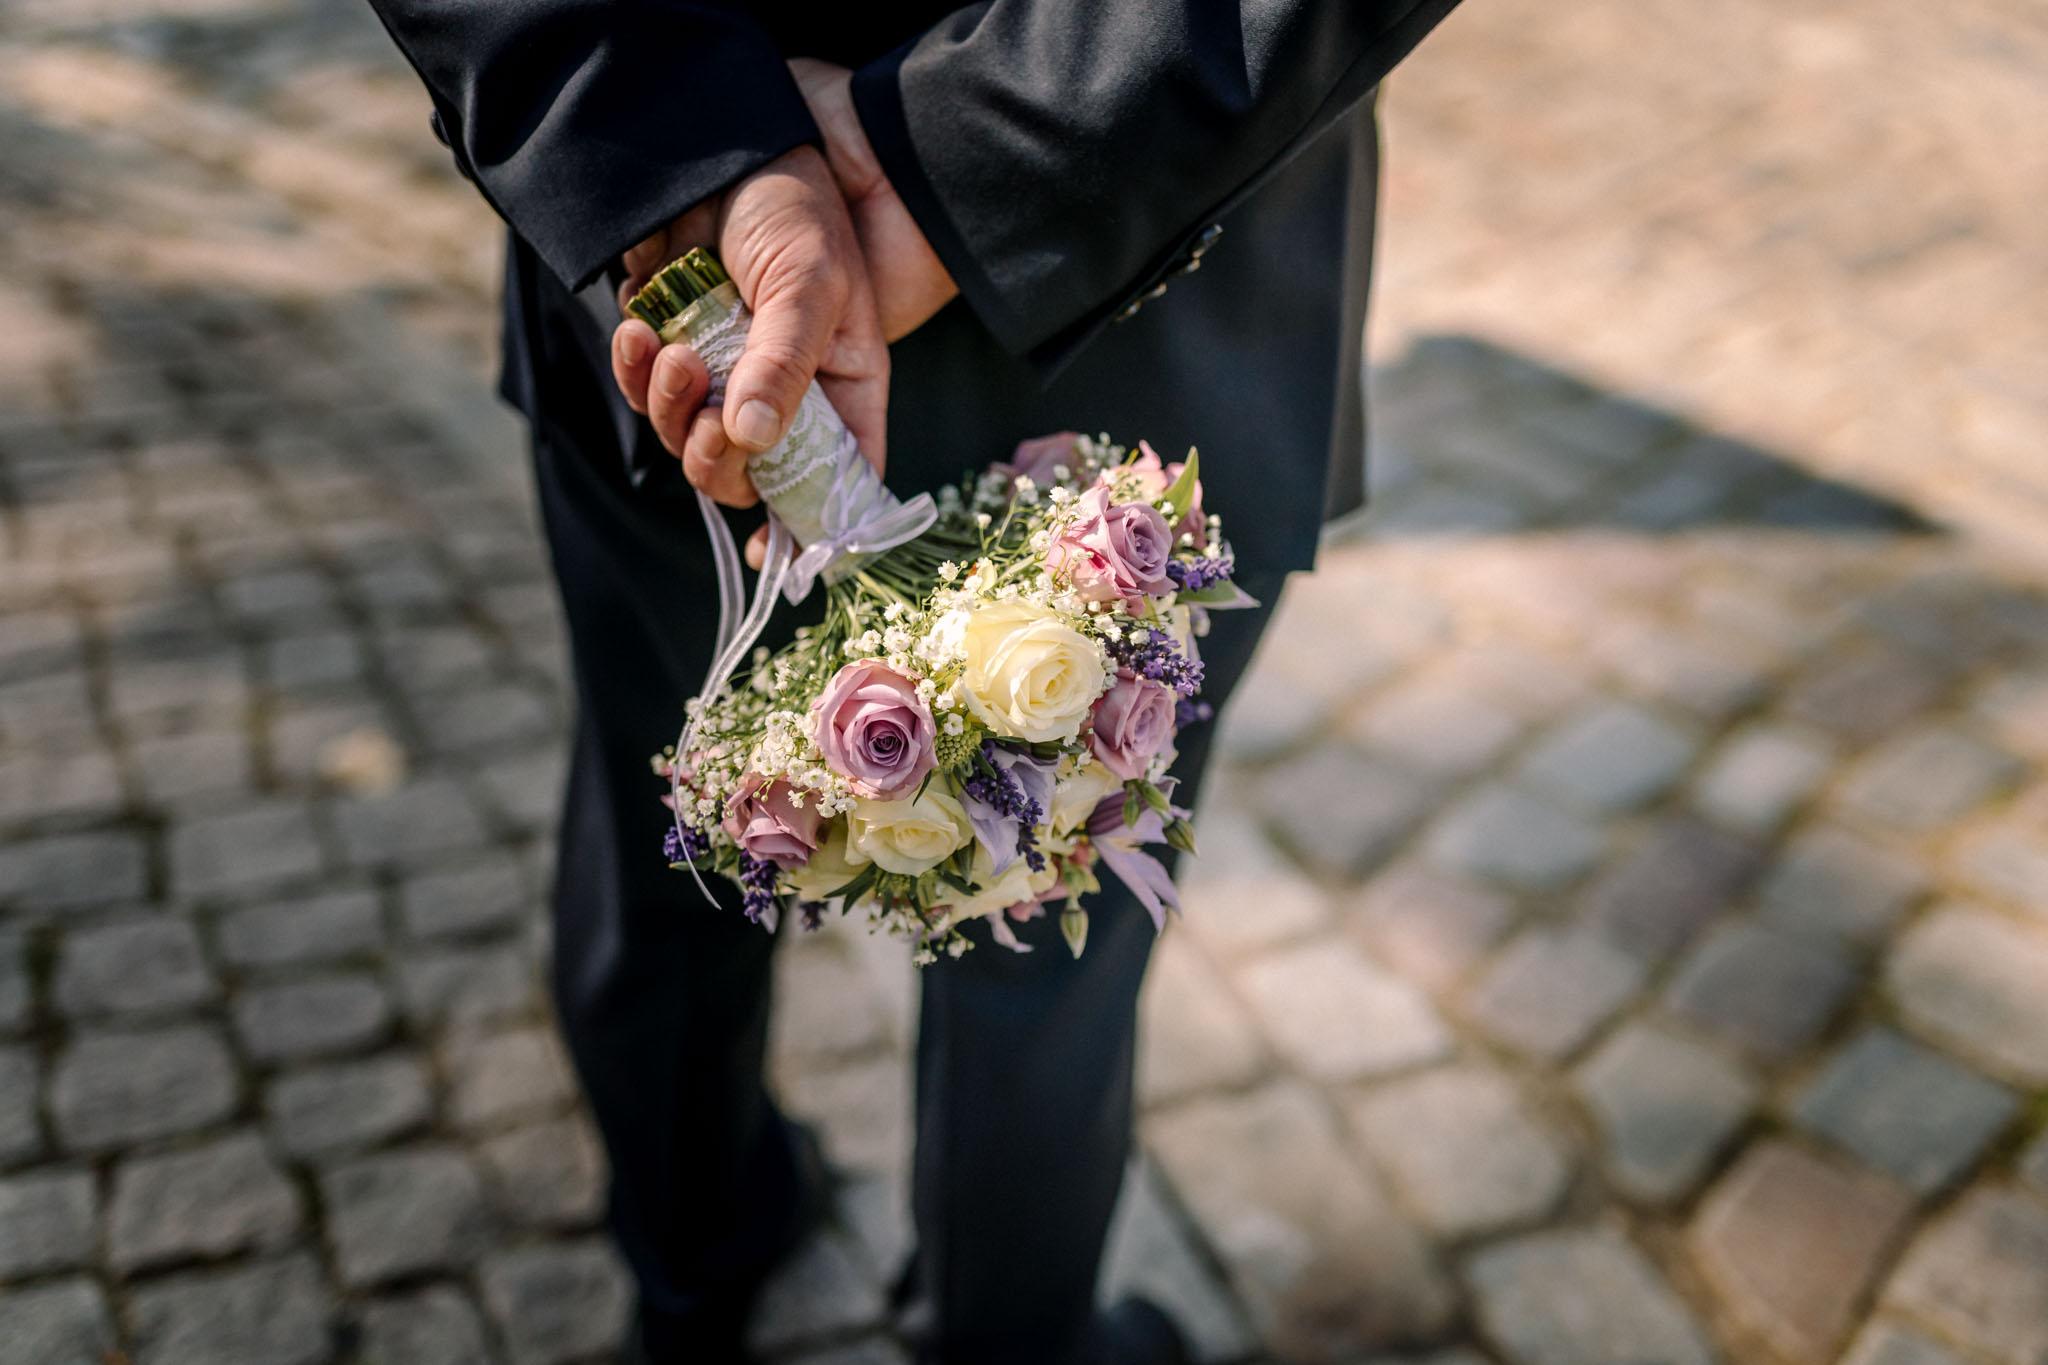 Hochzeitsfieber by Photo-Schomburg, Hochzeitsfotograf, Hamburg,Hochzeitstag, Hochzeitspaar, Braut, Bräutigam, Literaturhauscafe Zarrentin-11